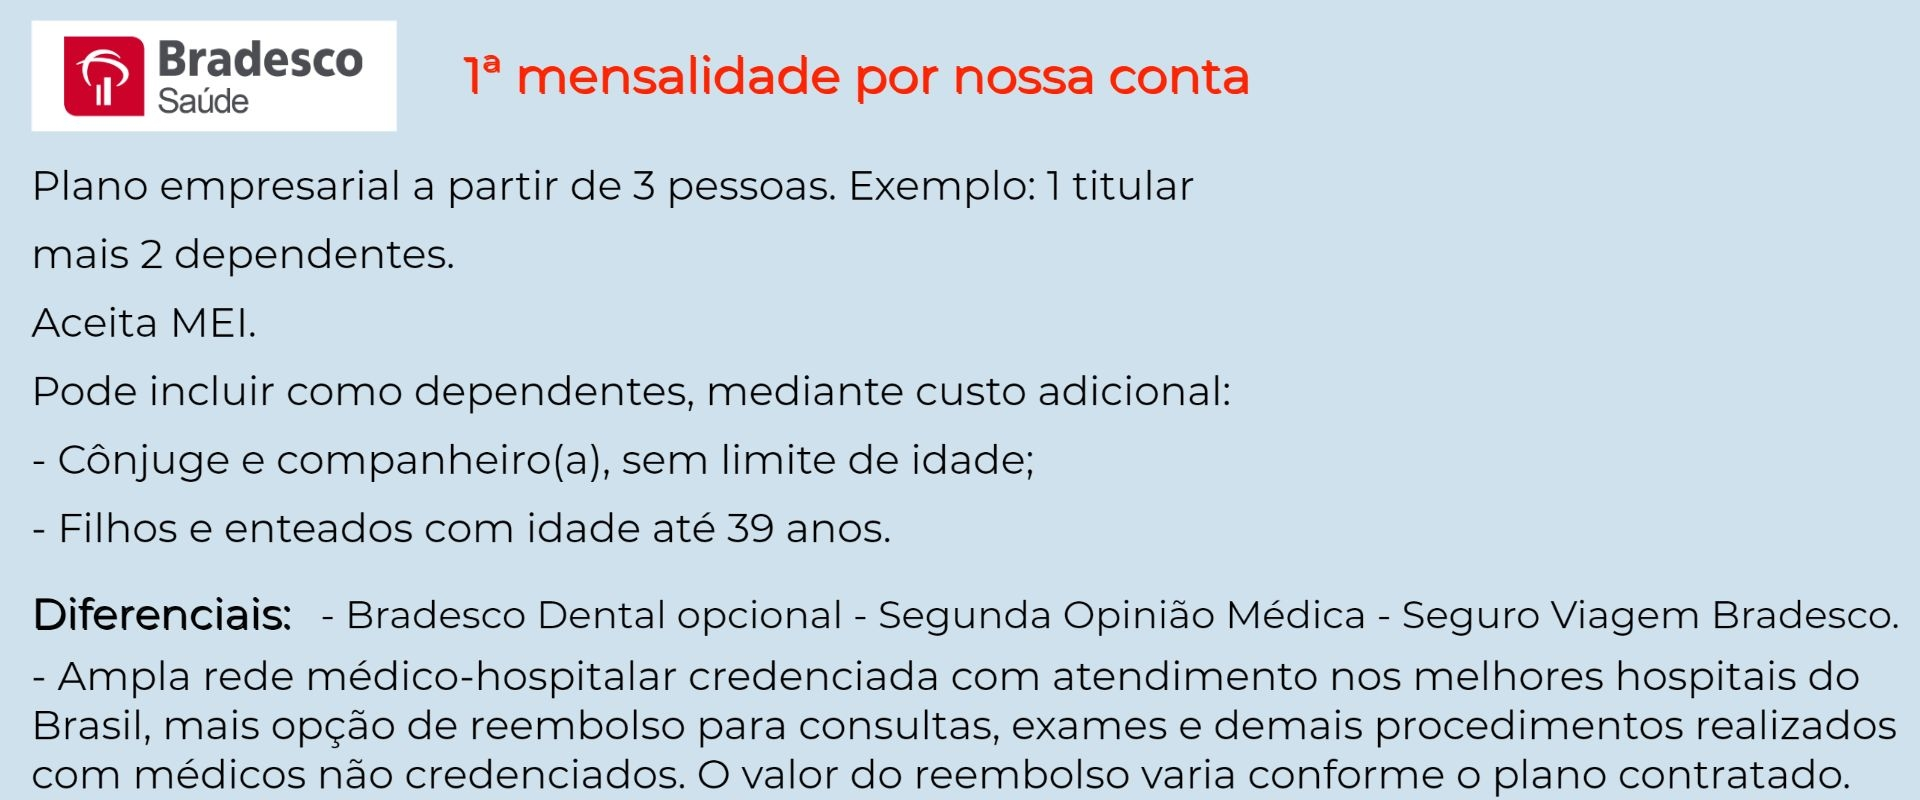 Bradesco Saúde Empresarial - Cotia